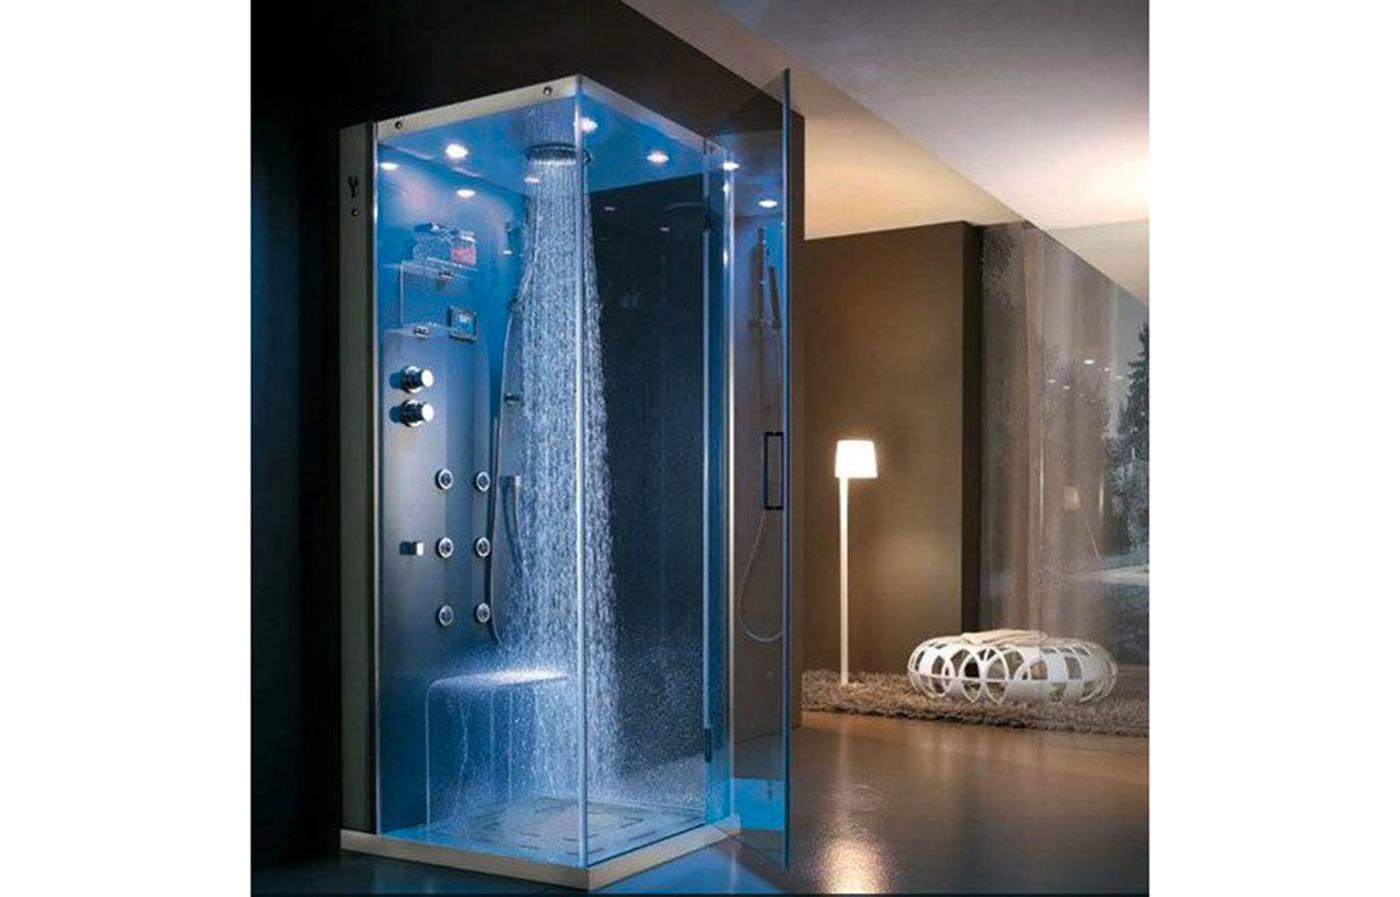 Vasca Da Bagno Hafro Prezzi : Hafro vasche molto scenografiche e dimpatto le vasche a libera